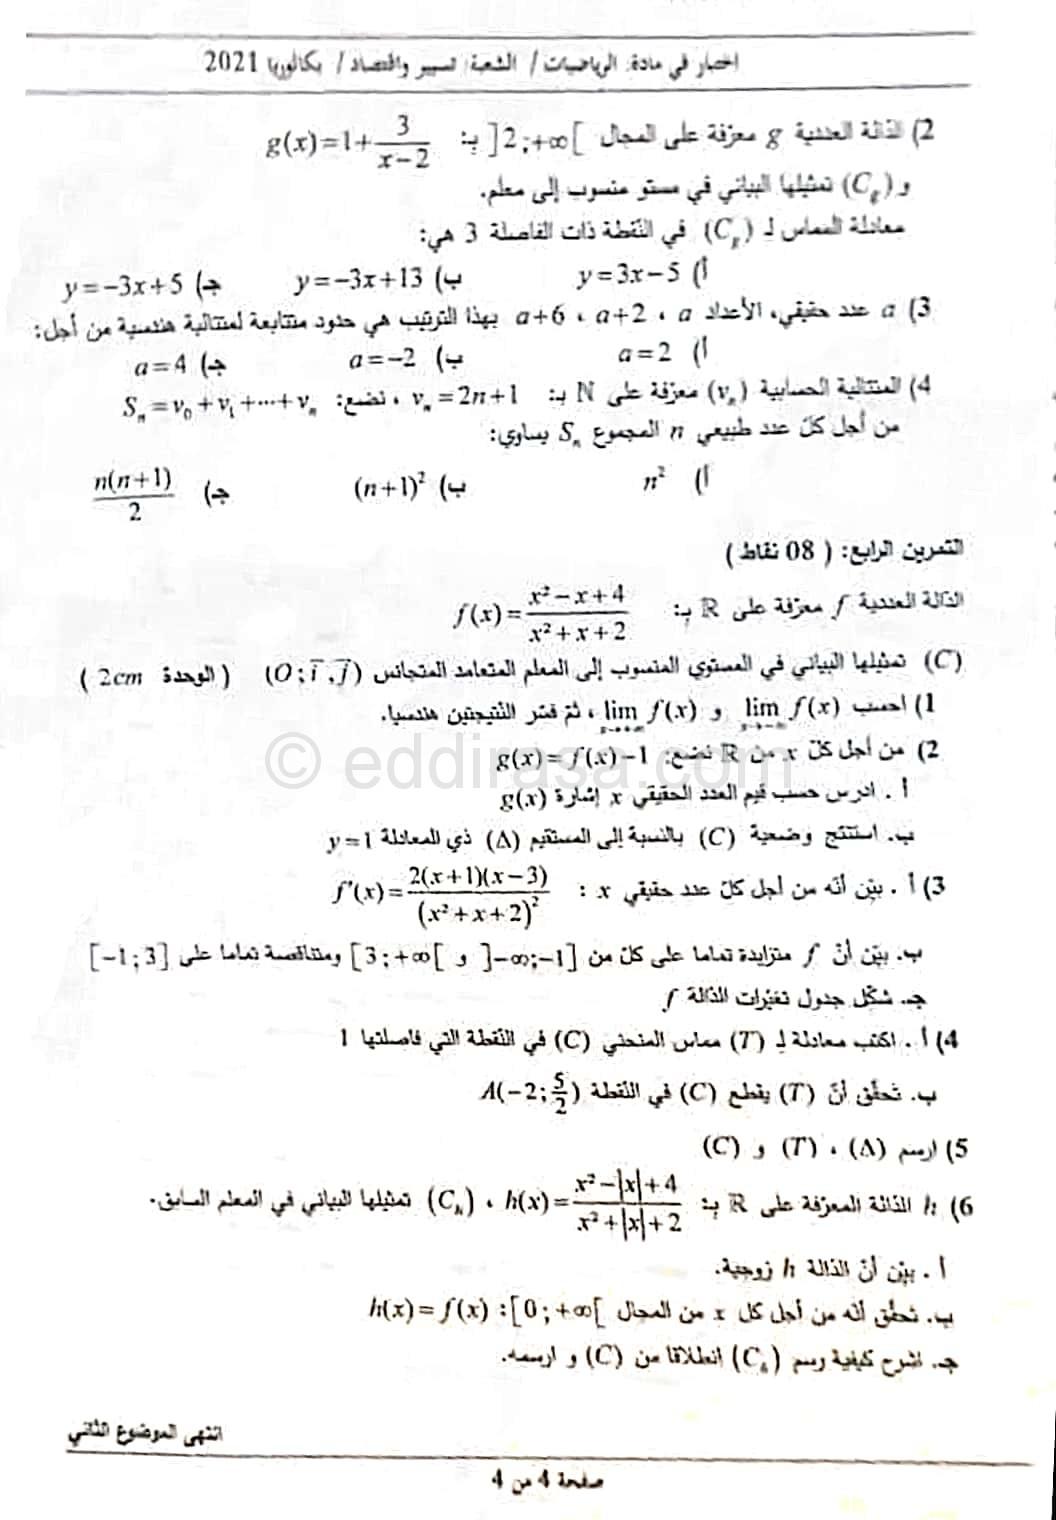 موضوع الرياضيات بكالوريا 2021 شعبة تسيير واقتصاد